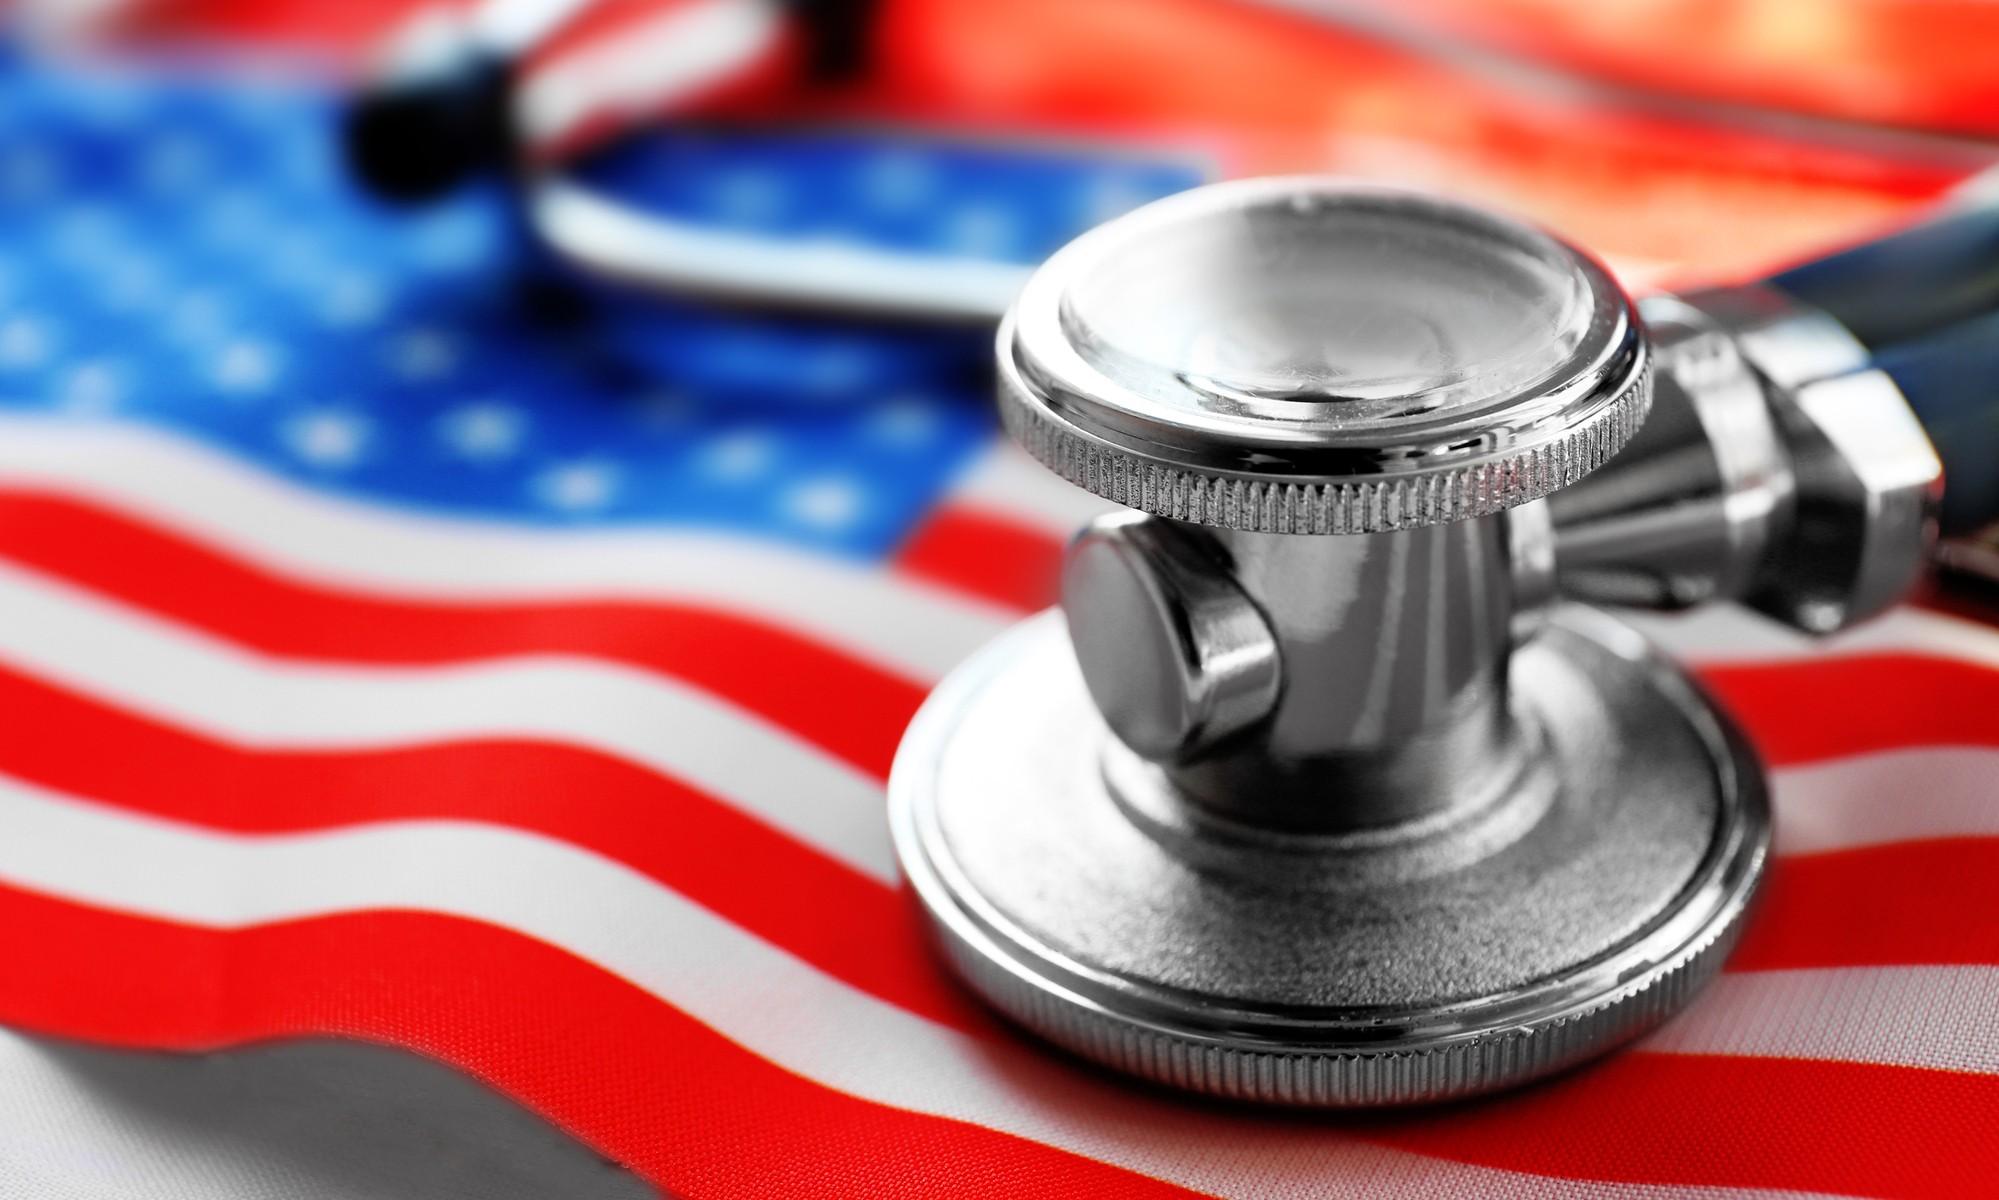 Le système de santé aux Etats-Unis